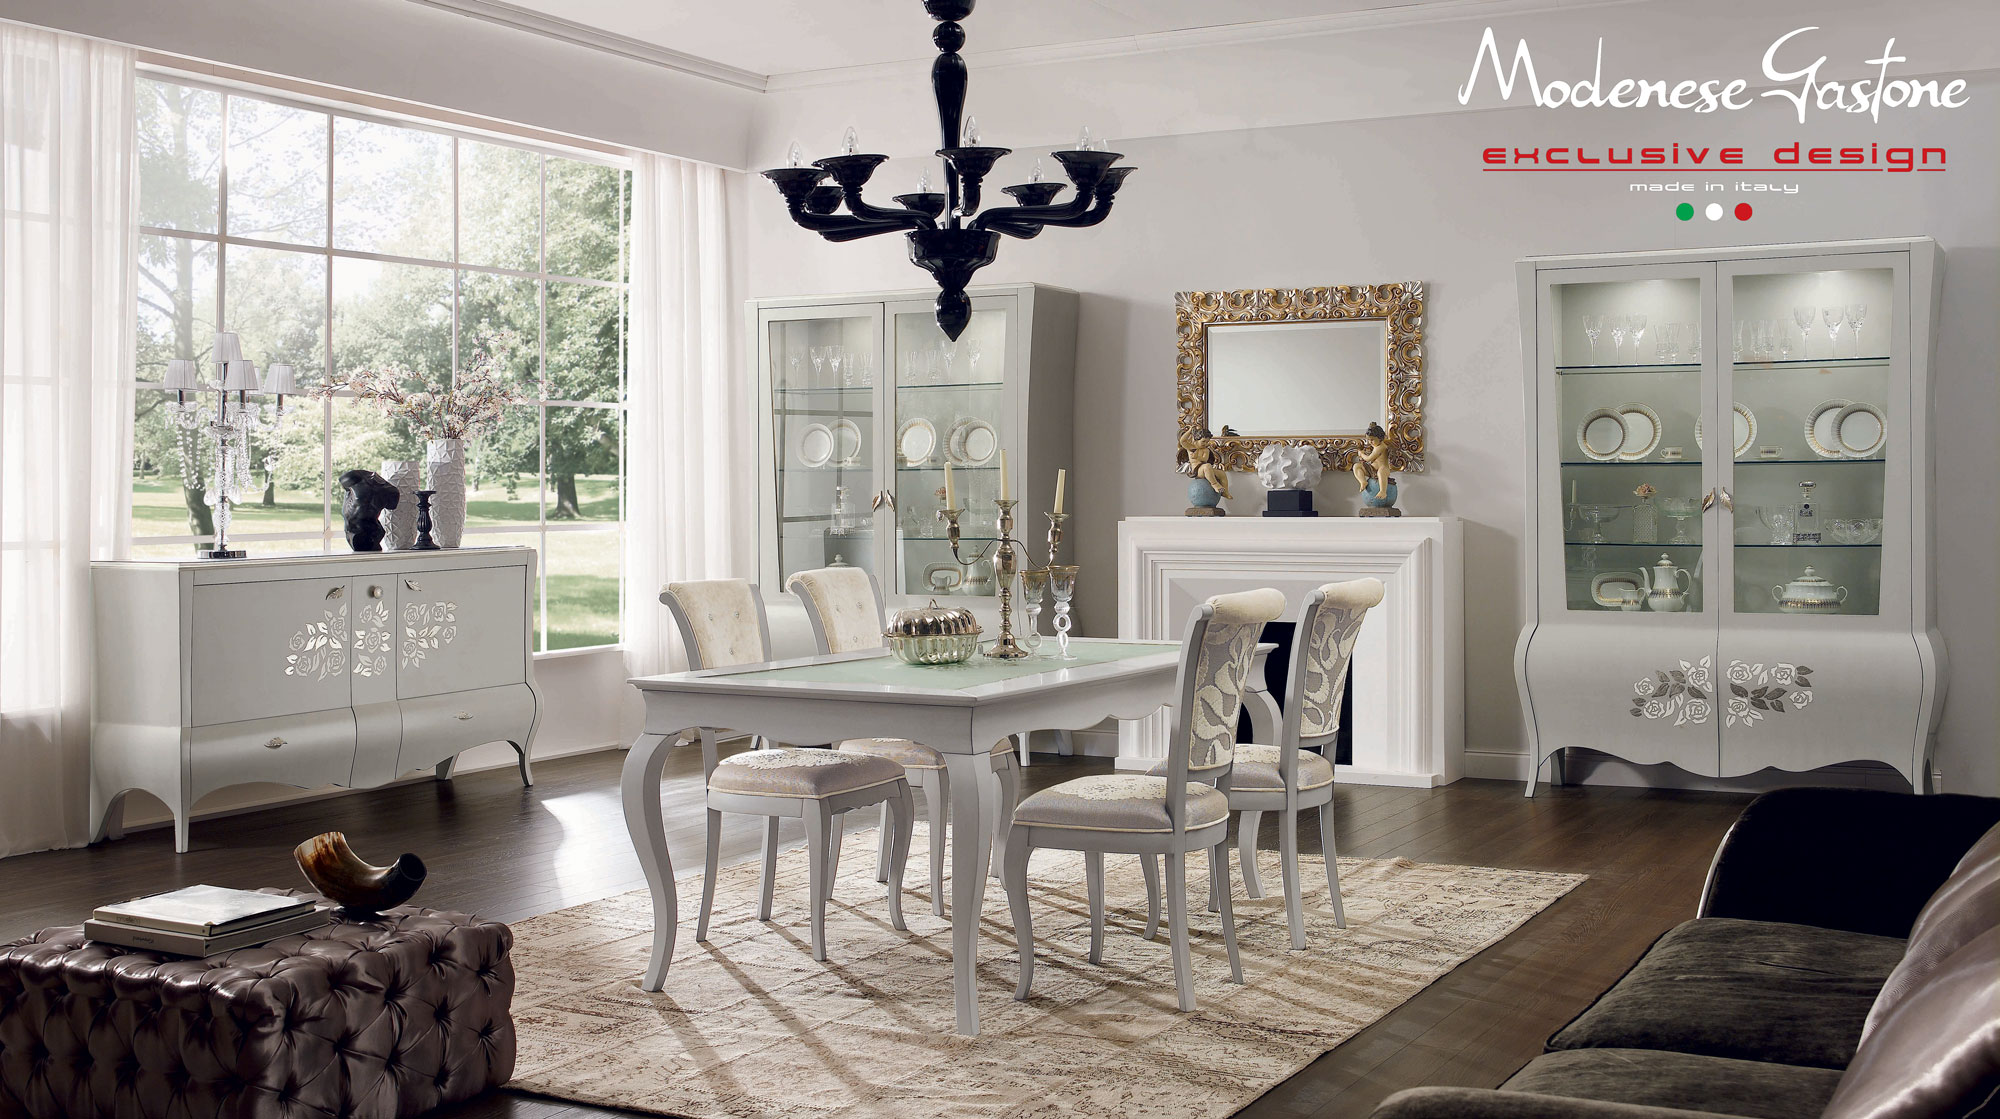 La sala da pranzo neo classica 15 idee per ispirarsi buona visione - Paul signac la sala da pranzo ...